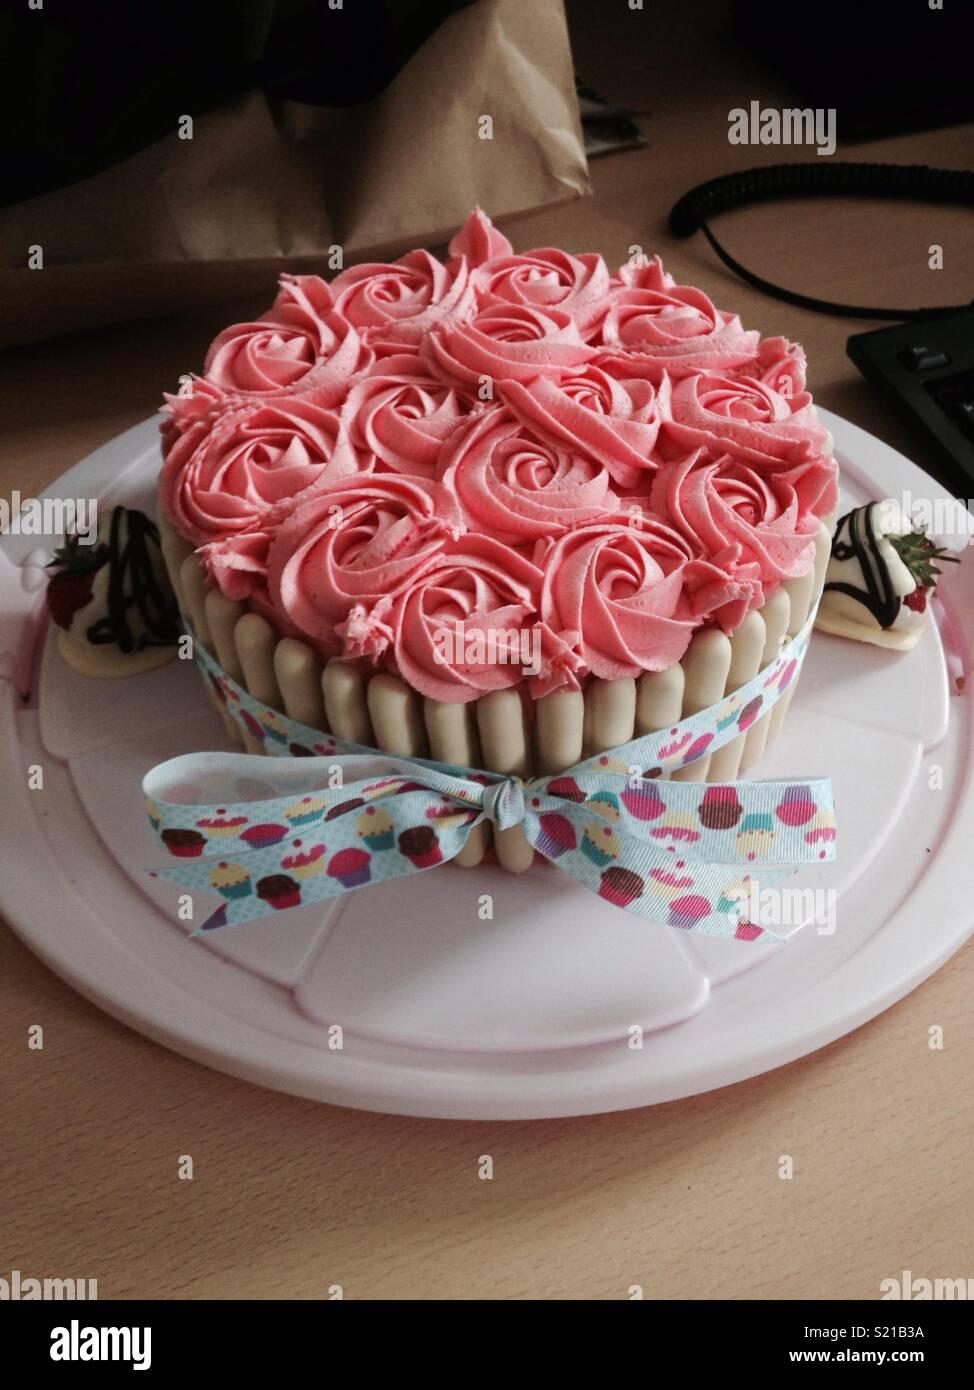 Gâteau d'anniversaire avec passepoil rose buttercream Photo Stock